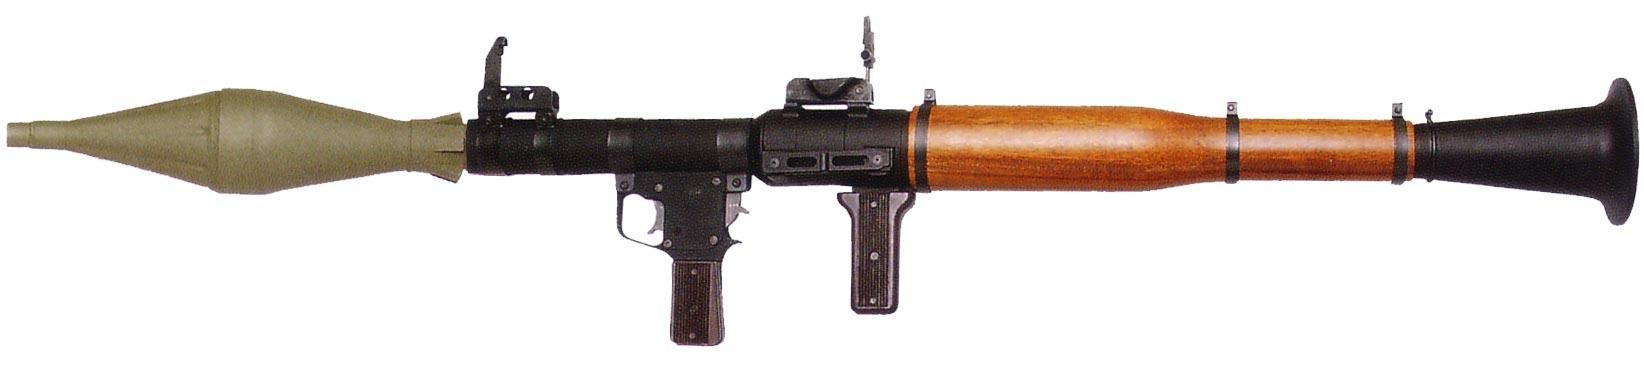 اكبر و اوثق موسوعة للجيش العراقي على الانترنت RPG-7